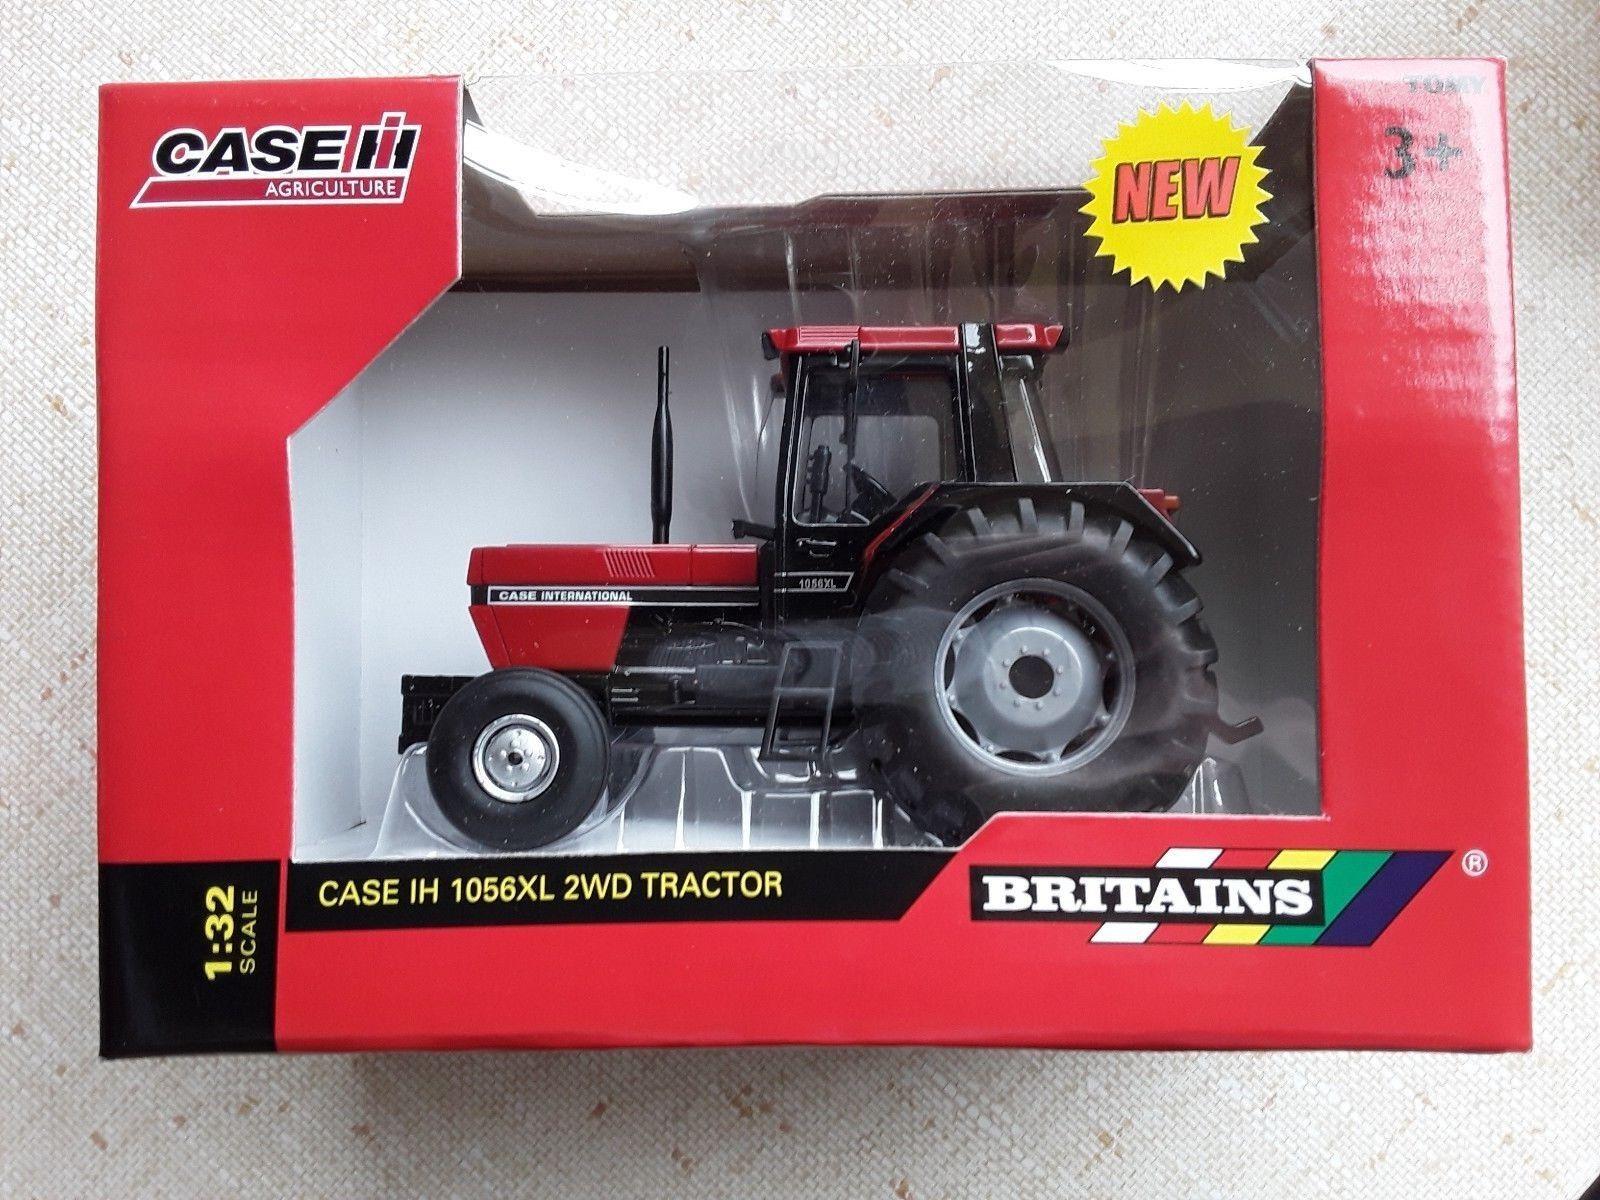 BRITAINS 42793 1 32 Case International IH 1056XL 2WD tracteur neuf die-cast